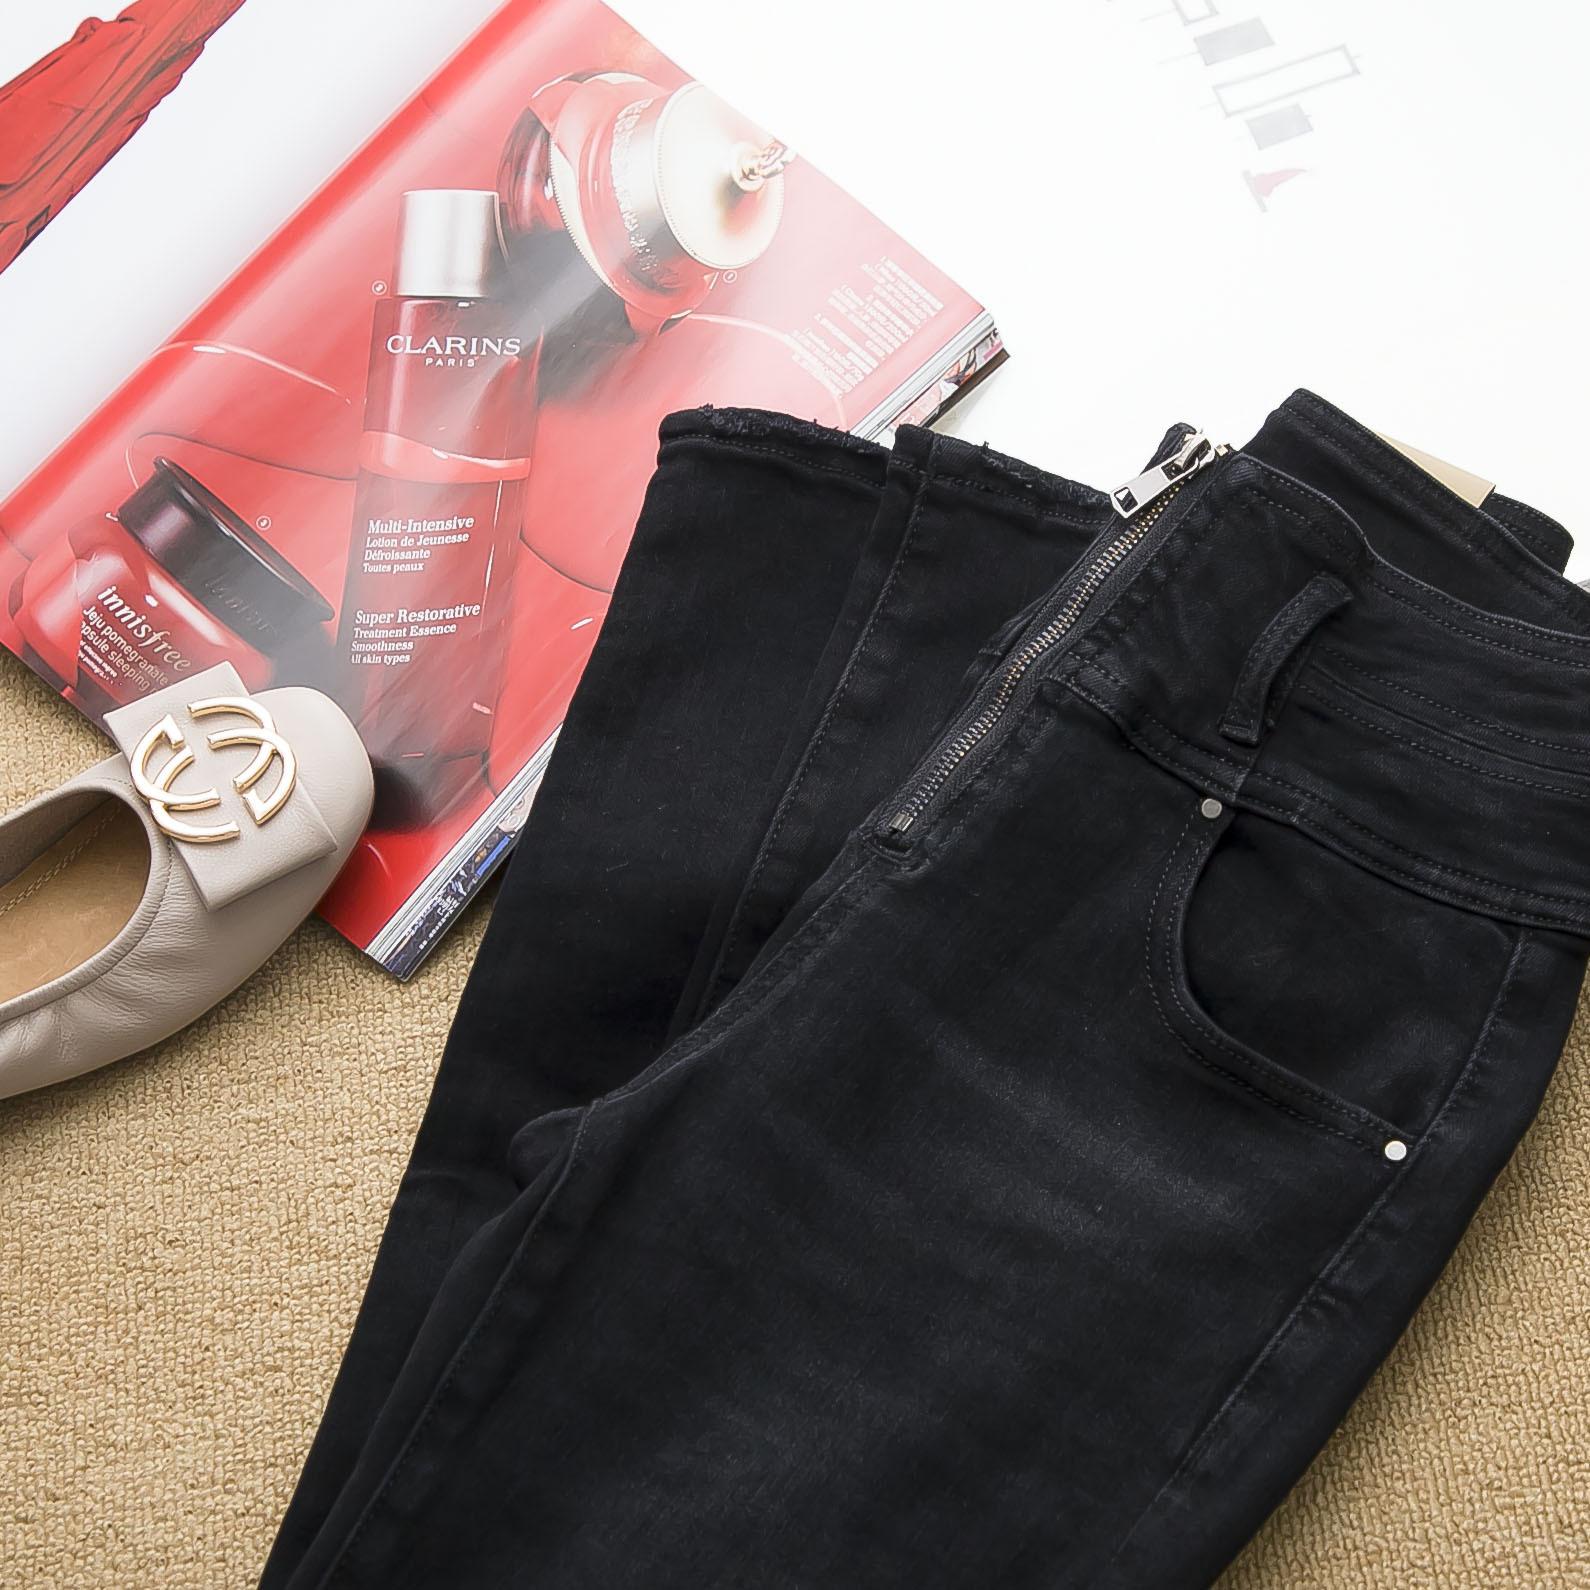 黑色,水洗颜色到位!!!前拉链 高腰牛仔小脚裤女2020年新款